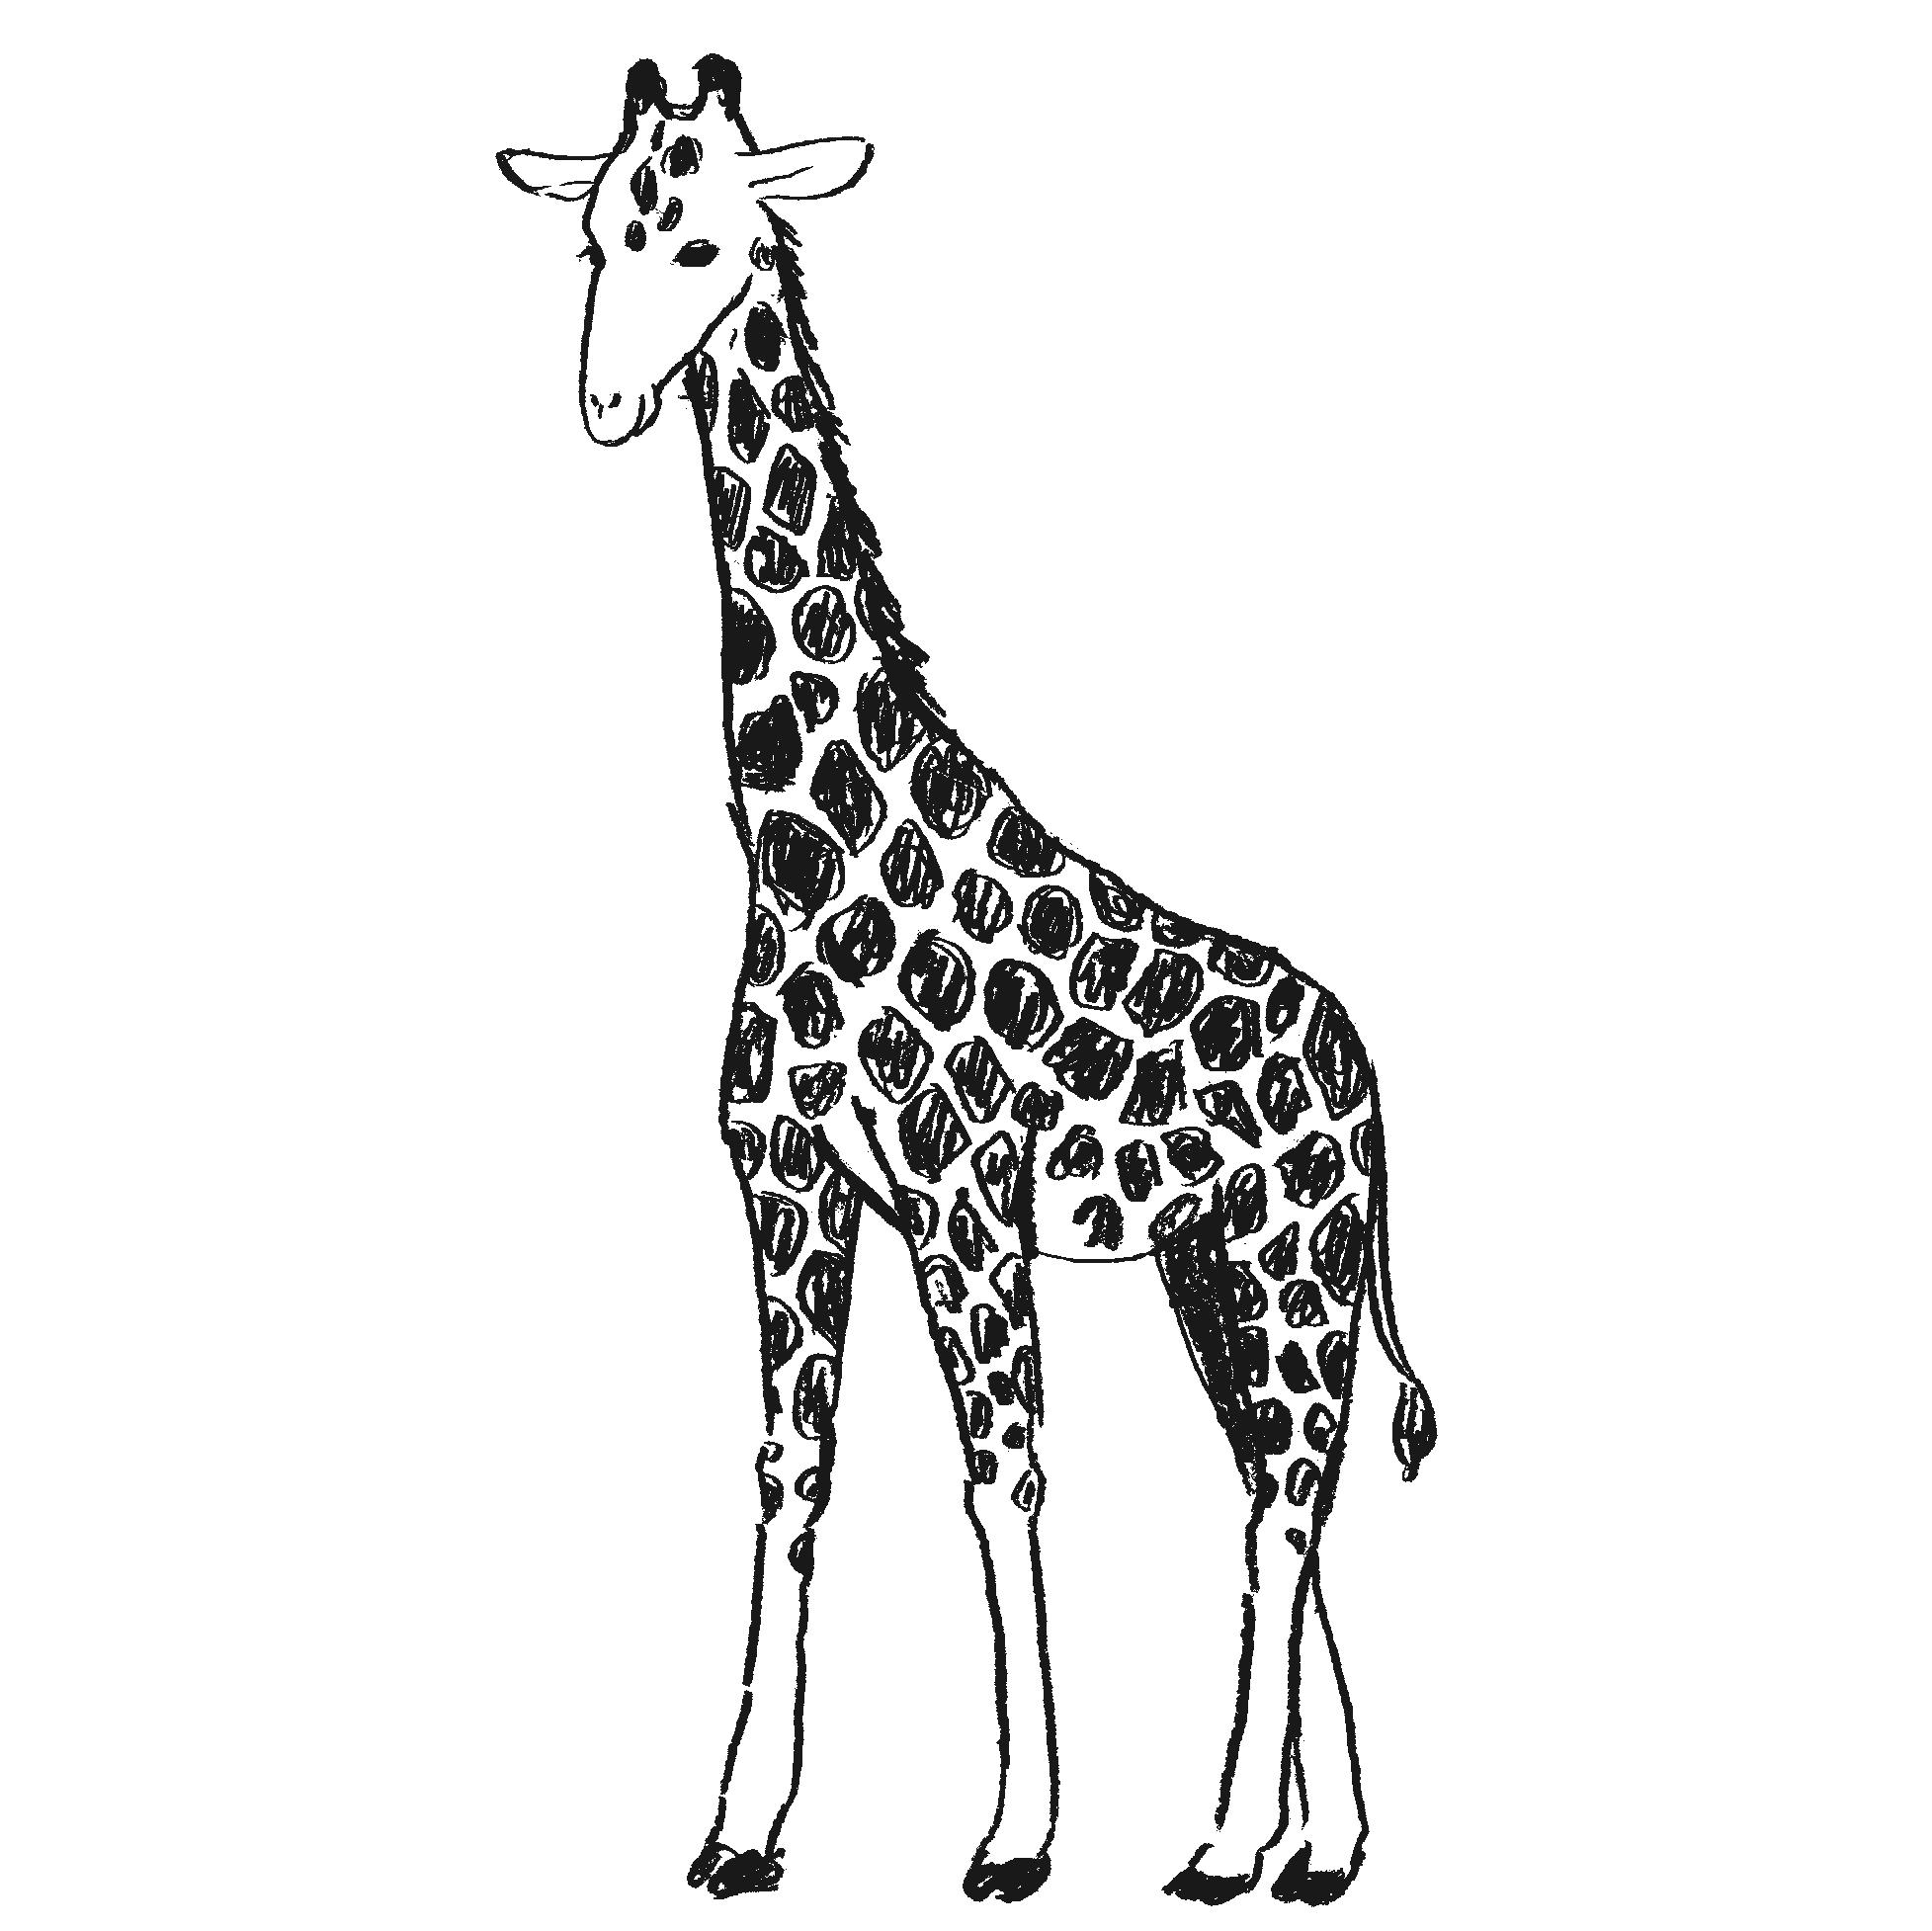 キリンのフリー素材イラスト